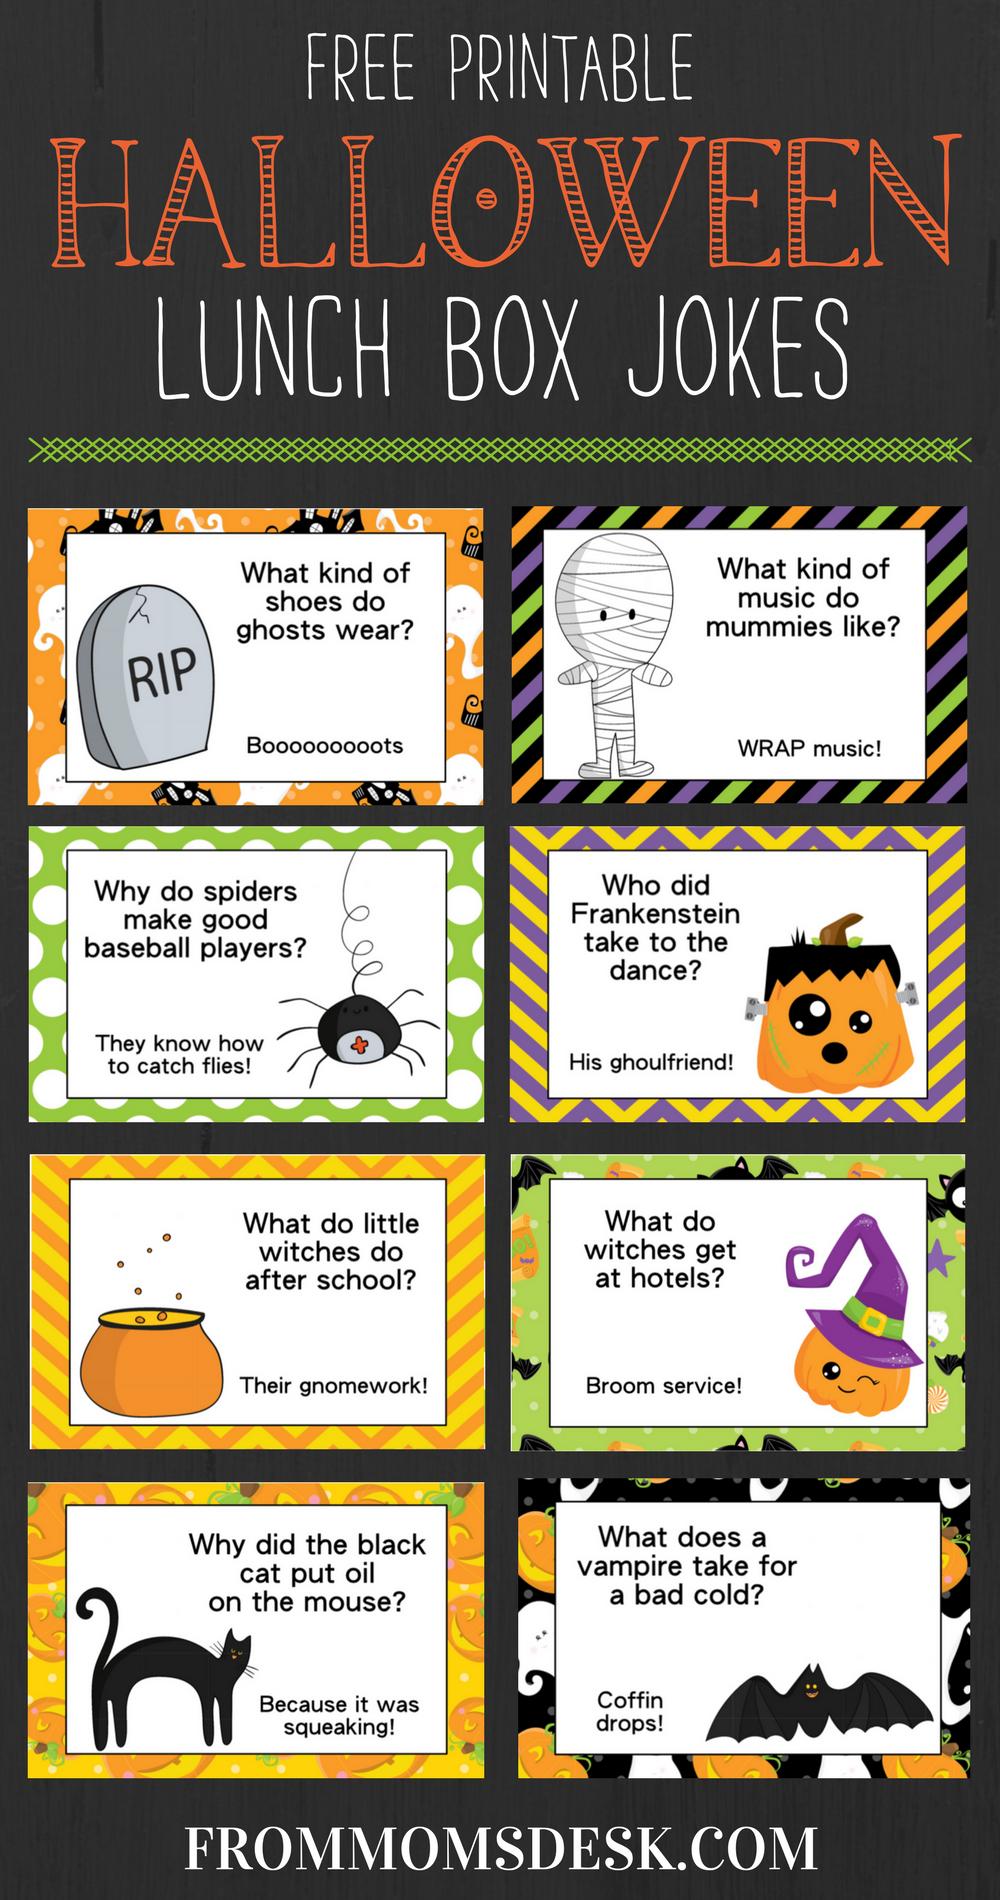 Fun Halloween Jokes for Kids Halloween jokes, Jokes for